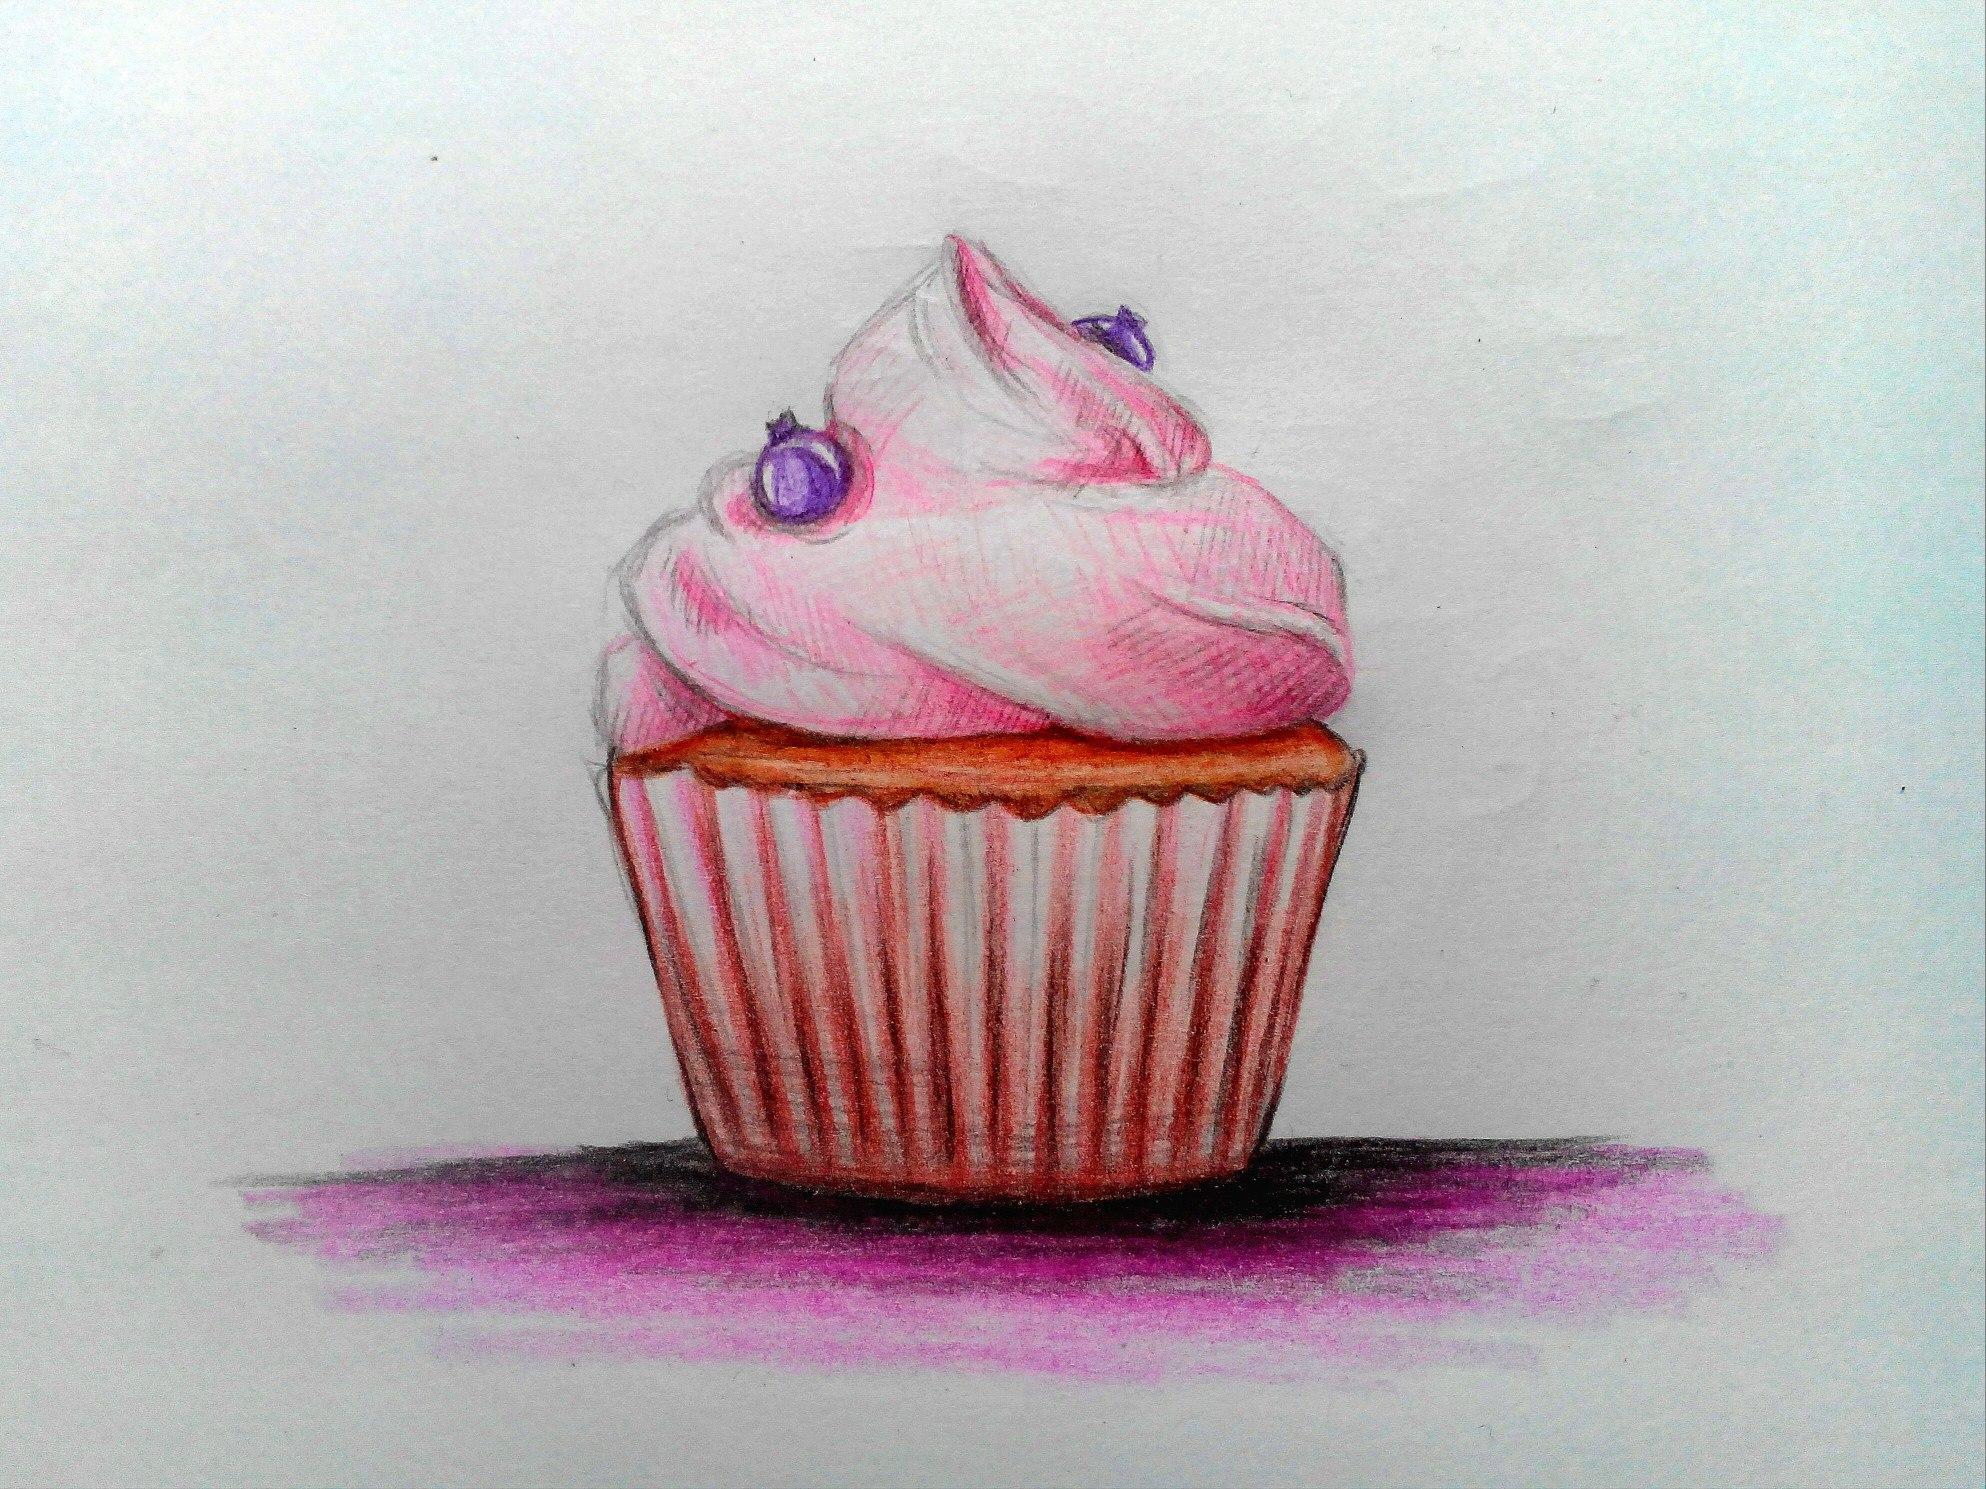 Как нарисовать кекс цветными карандашами поэтапно?